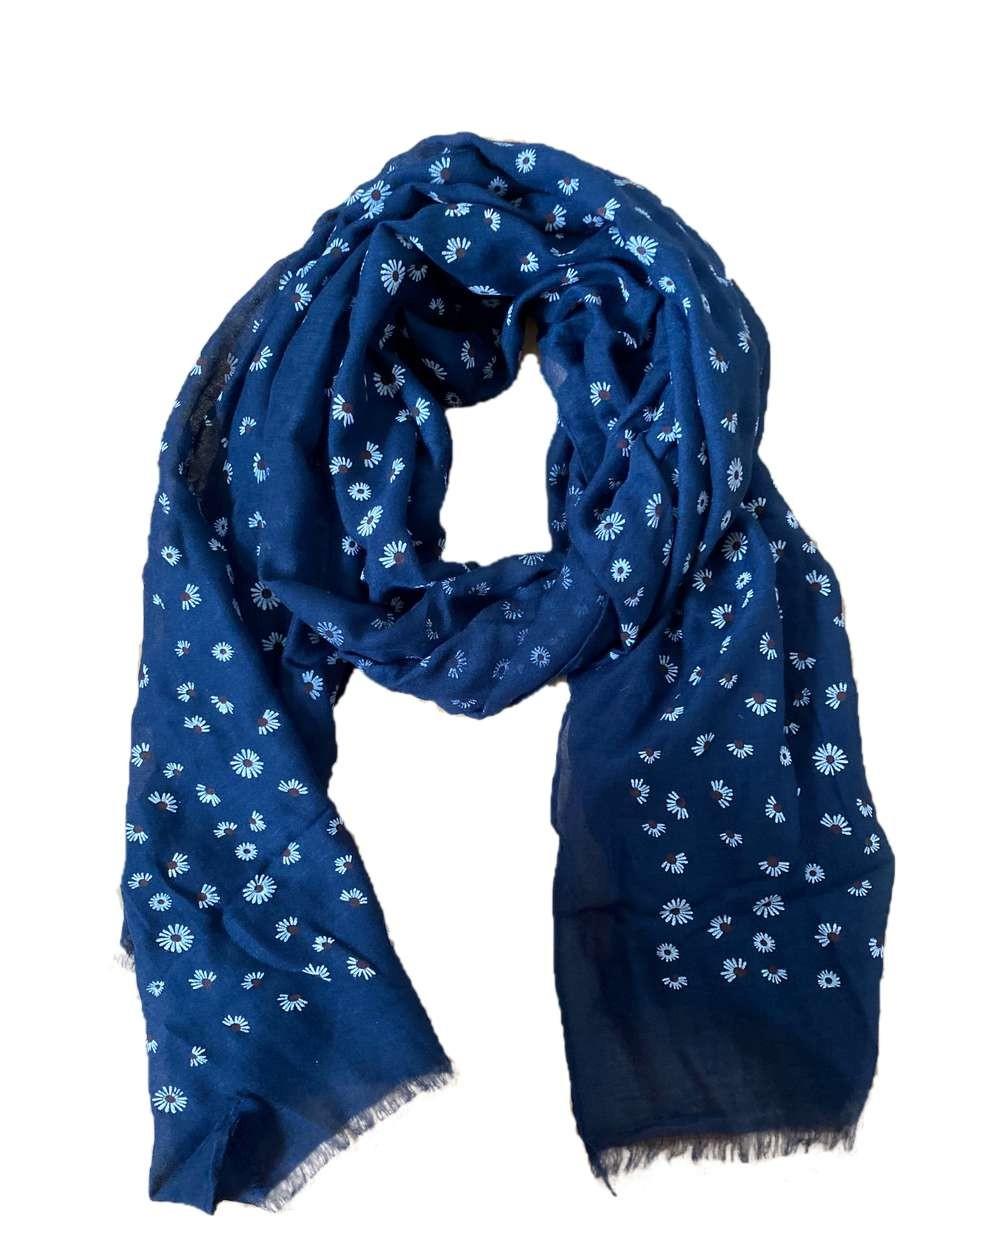 Foulard bleu marine aux motifs fleurs noires